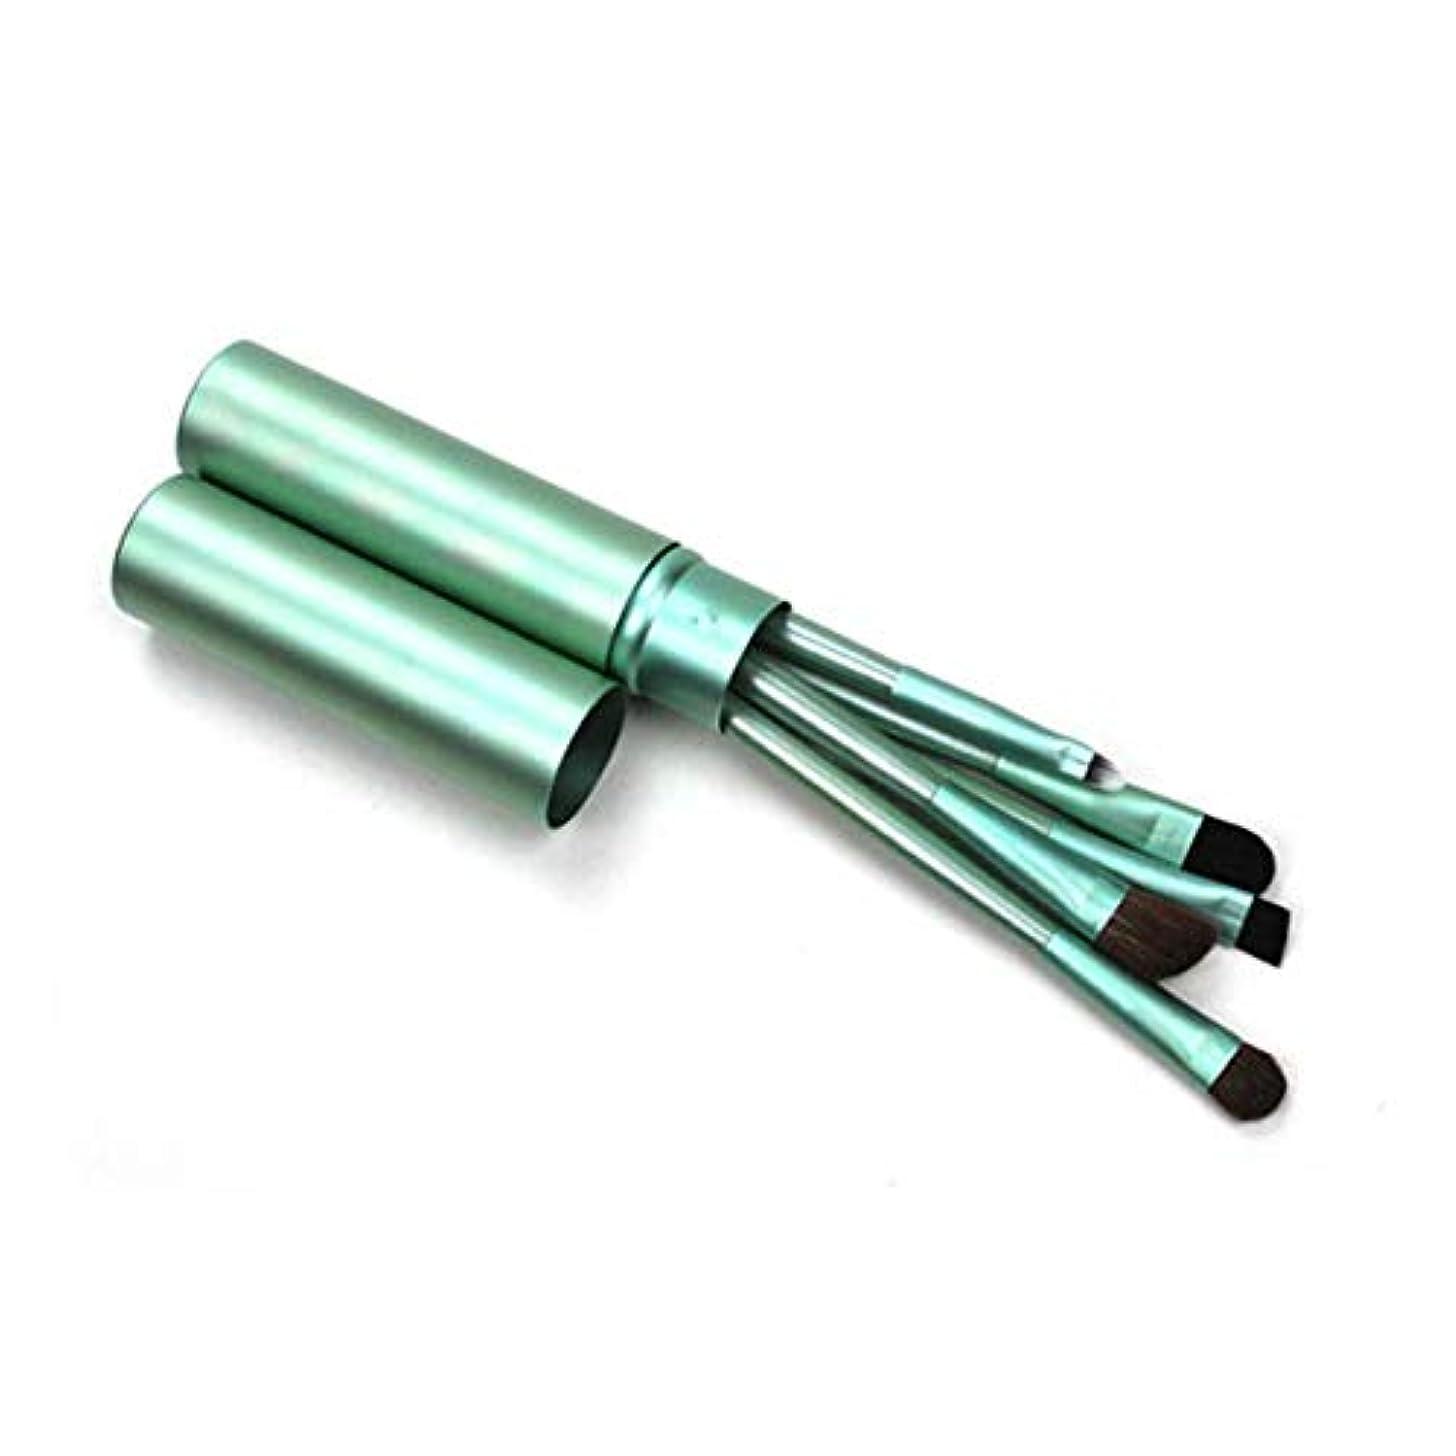 フィードオンバルブエピソードBibipangstore 5ピース/セット女性ウッドハンドルブラシセットアイシャドウパウダーメイクアップアイブロウリップ化粧品美容メイクアップブラシトラベルキットボックス付き